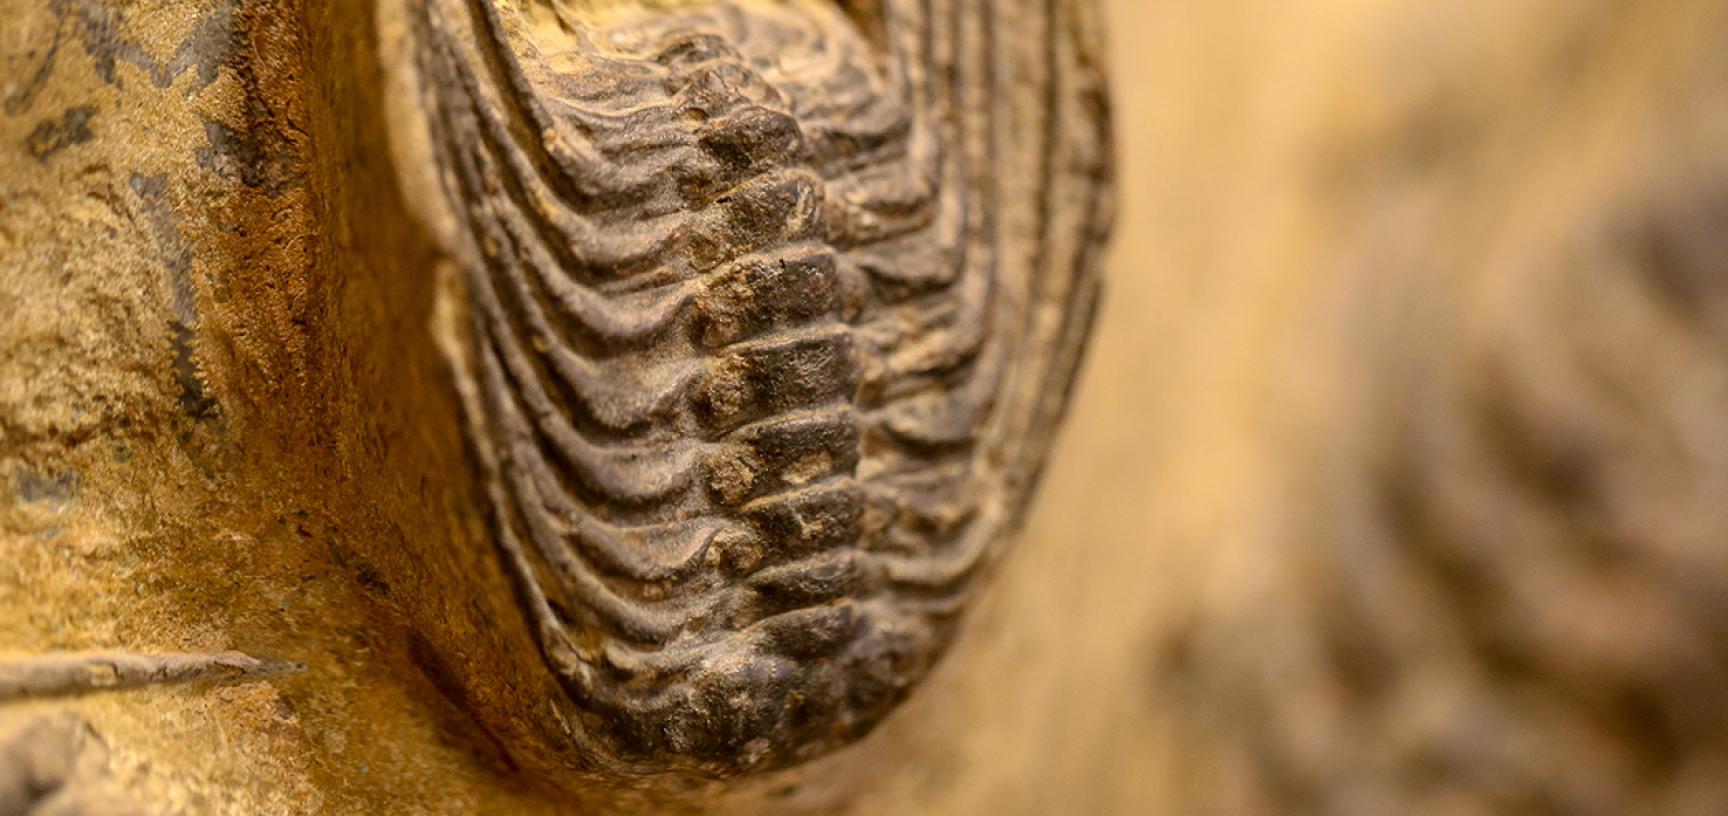 Selenopeltis trilobite